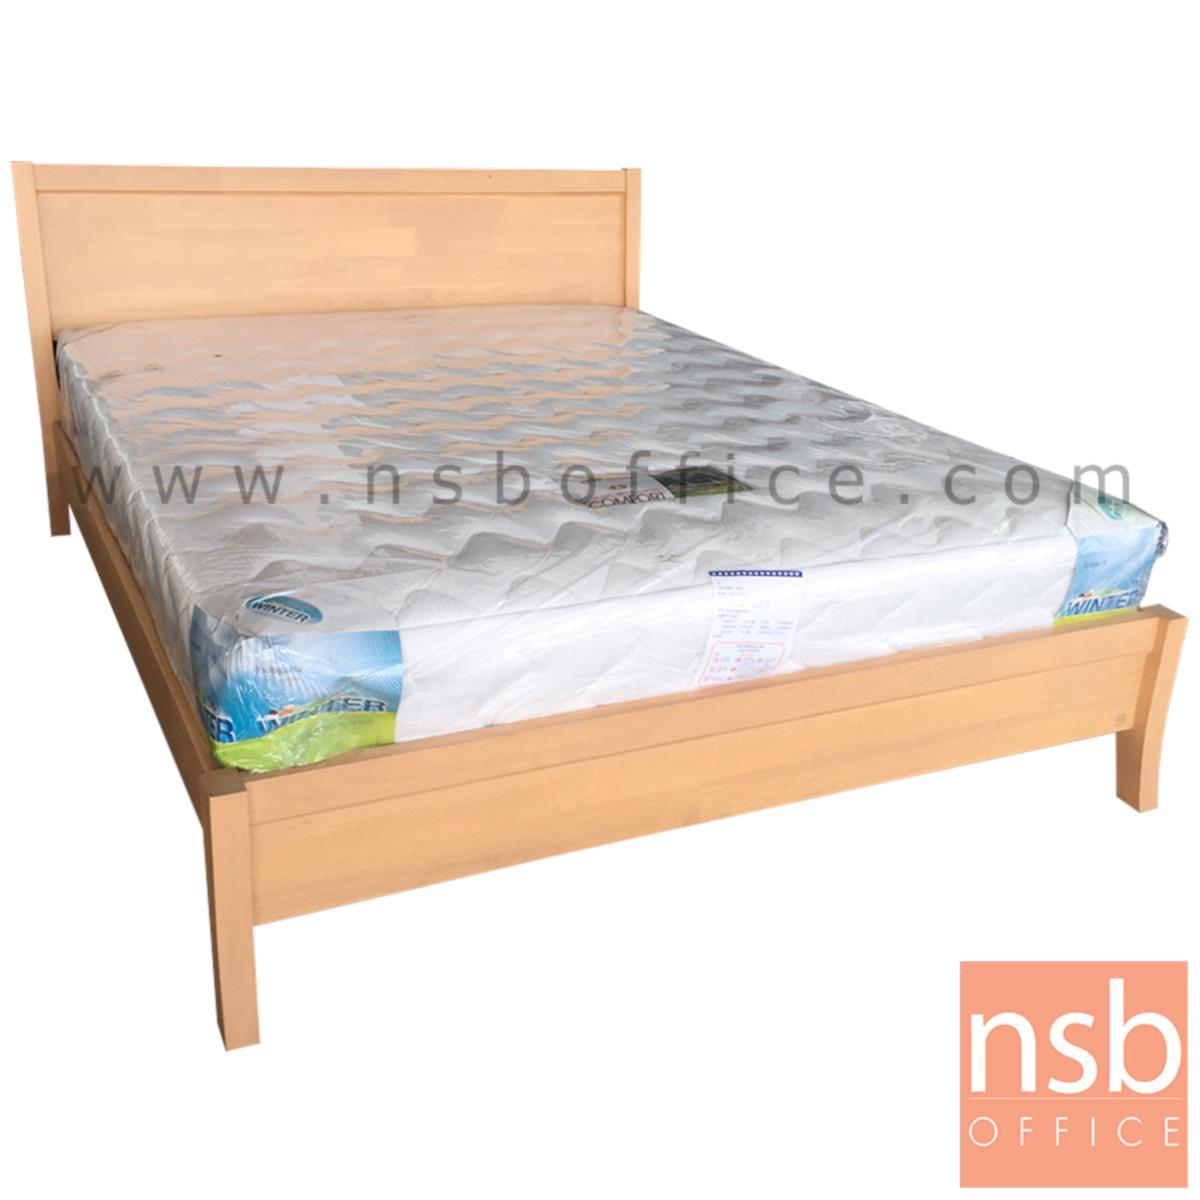 L10A168:เตียงนอนไม้ยางพาราล้วน  ขนาด 163W*90H cm. สีบีช